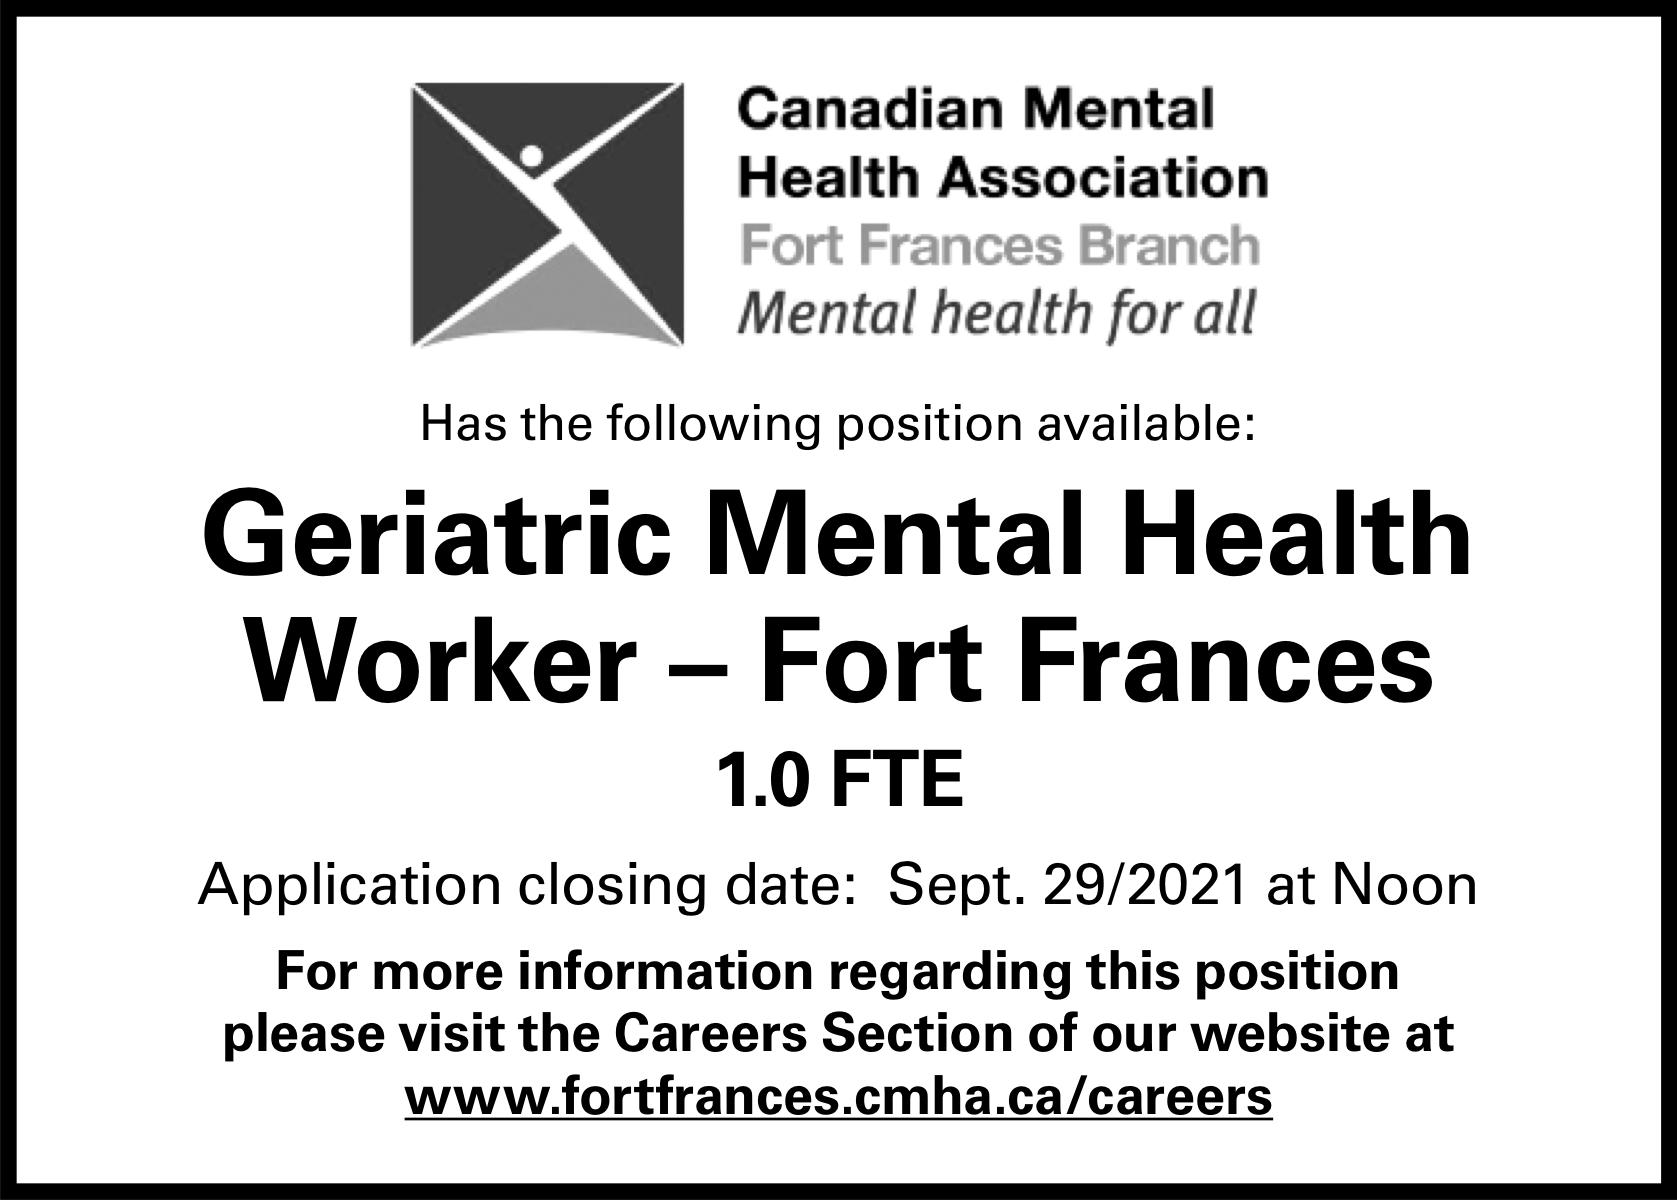 Geriatric Mental Health Worker – Fort Frances